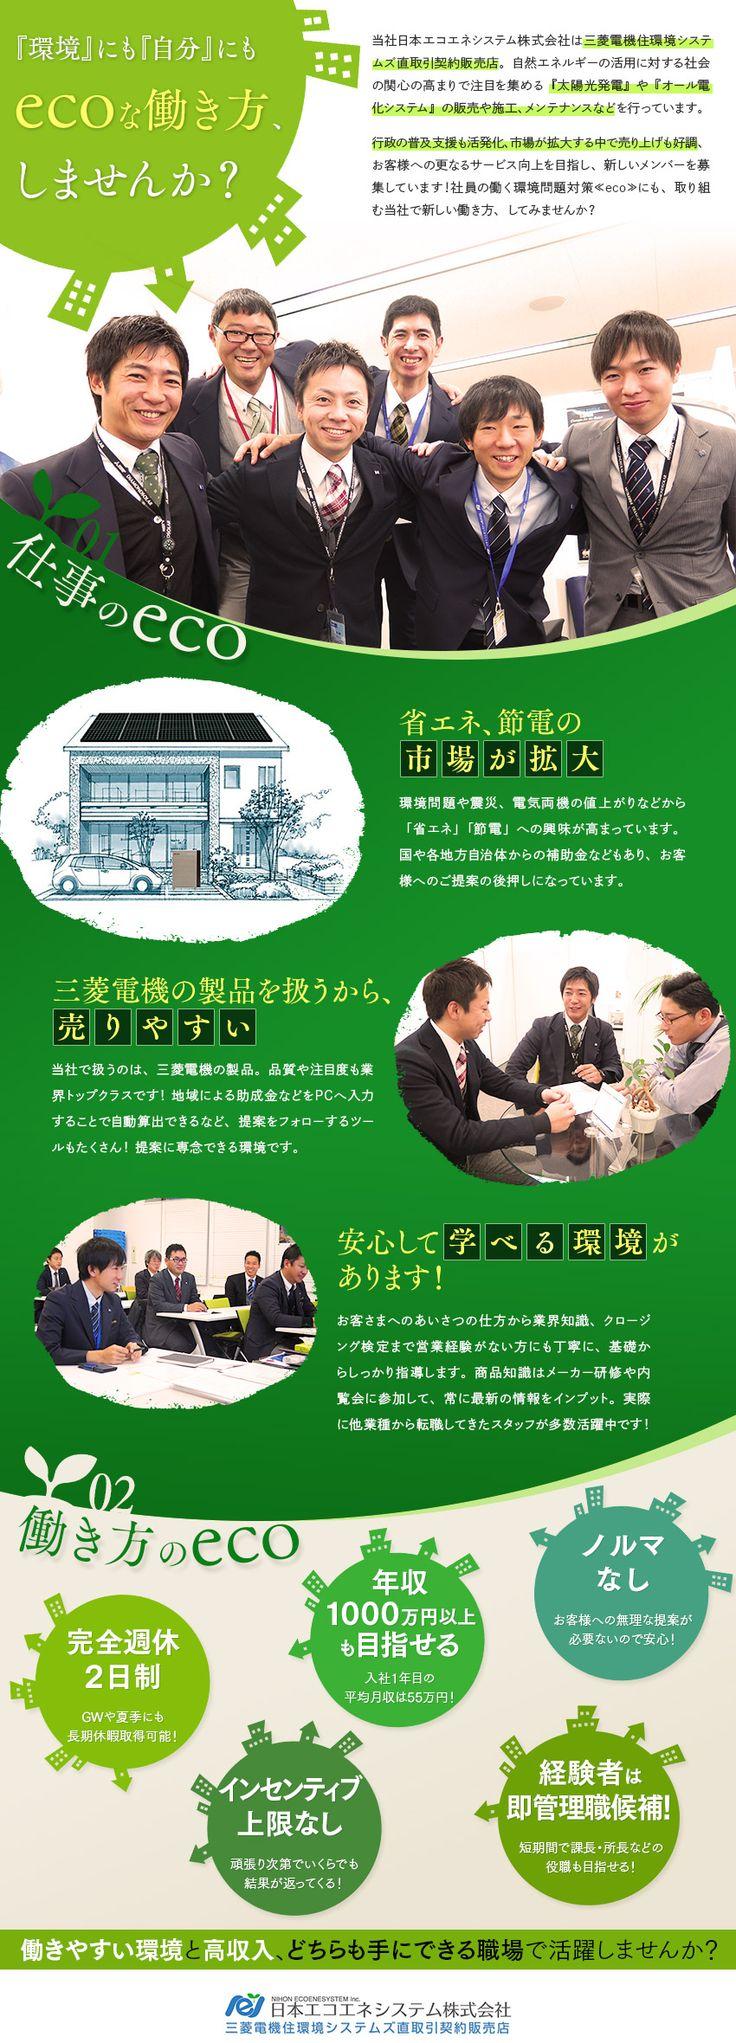 日本エコエネシステム株式会社/年収大幅UPが実現できるノルマなしの提案営業  ※経験者(管理職候補)から未経験者まで幅広く歓迎!の求人PR - 転職ならDODA(デューダ)